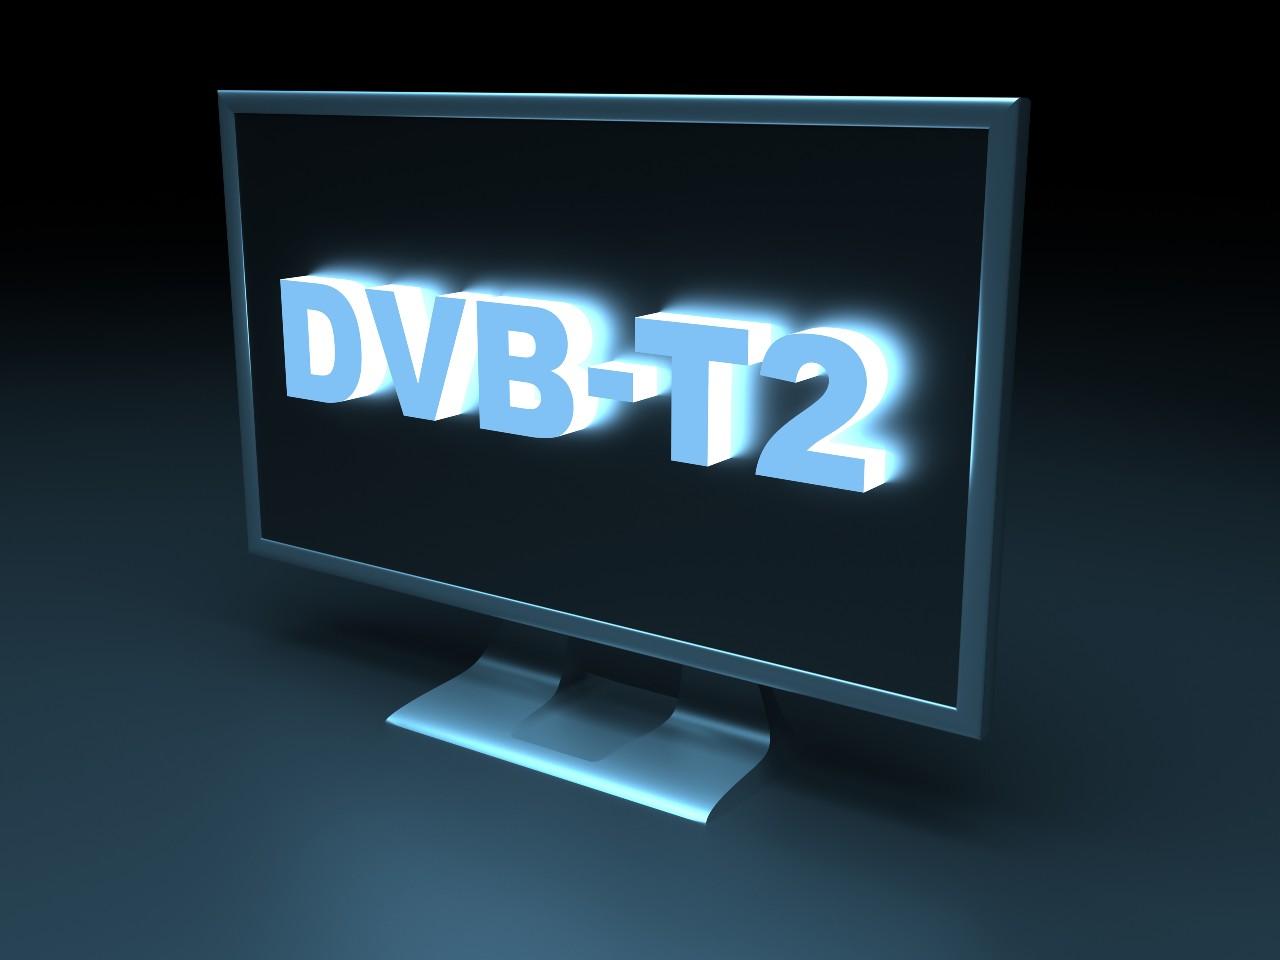 DVB-T2 (Adobe Stock)